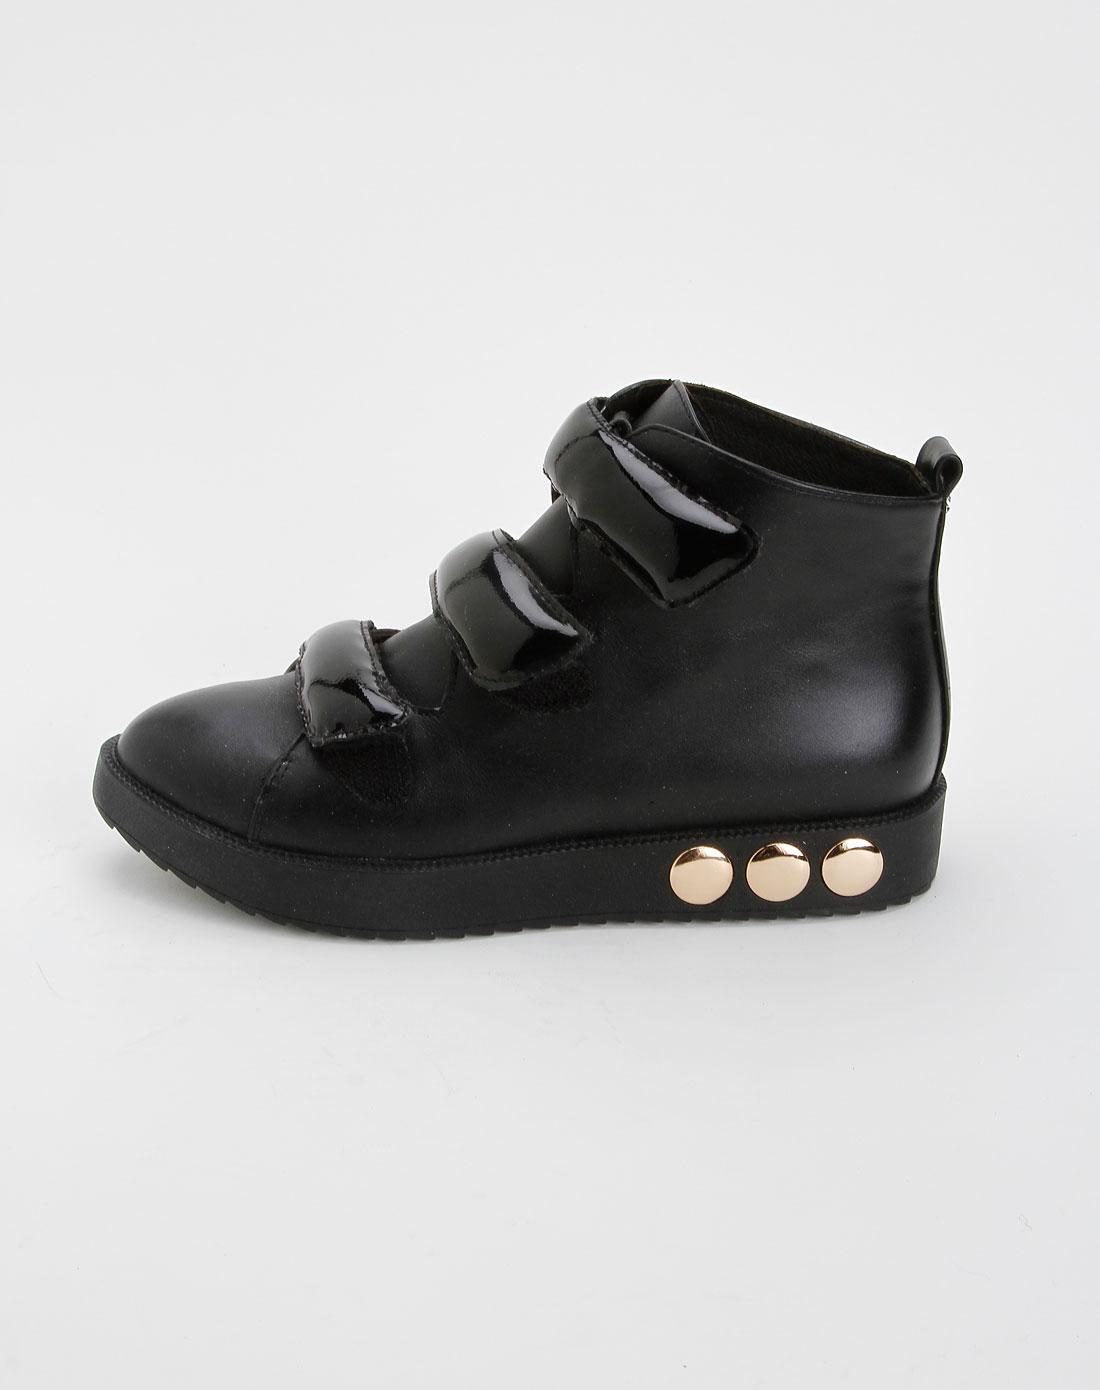 魔术贴休闲鞋tf117-1nk